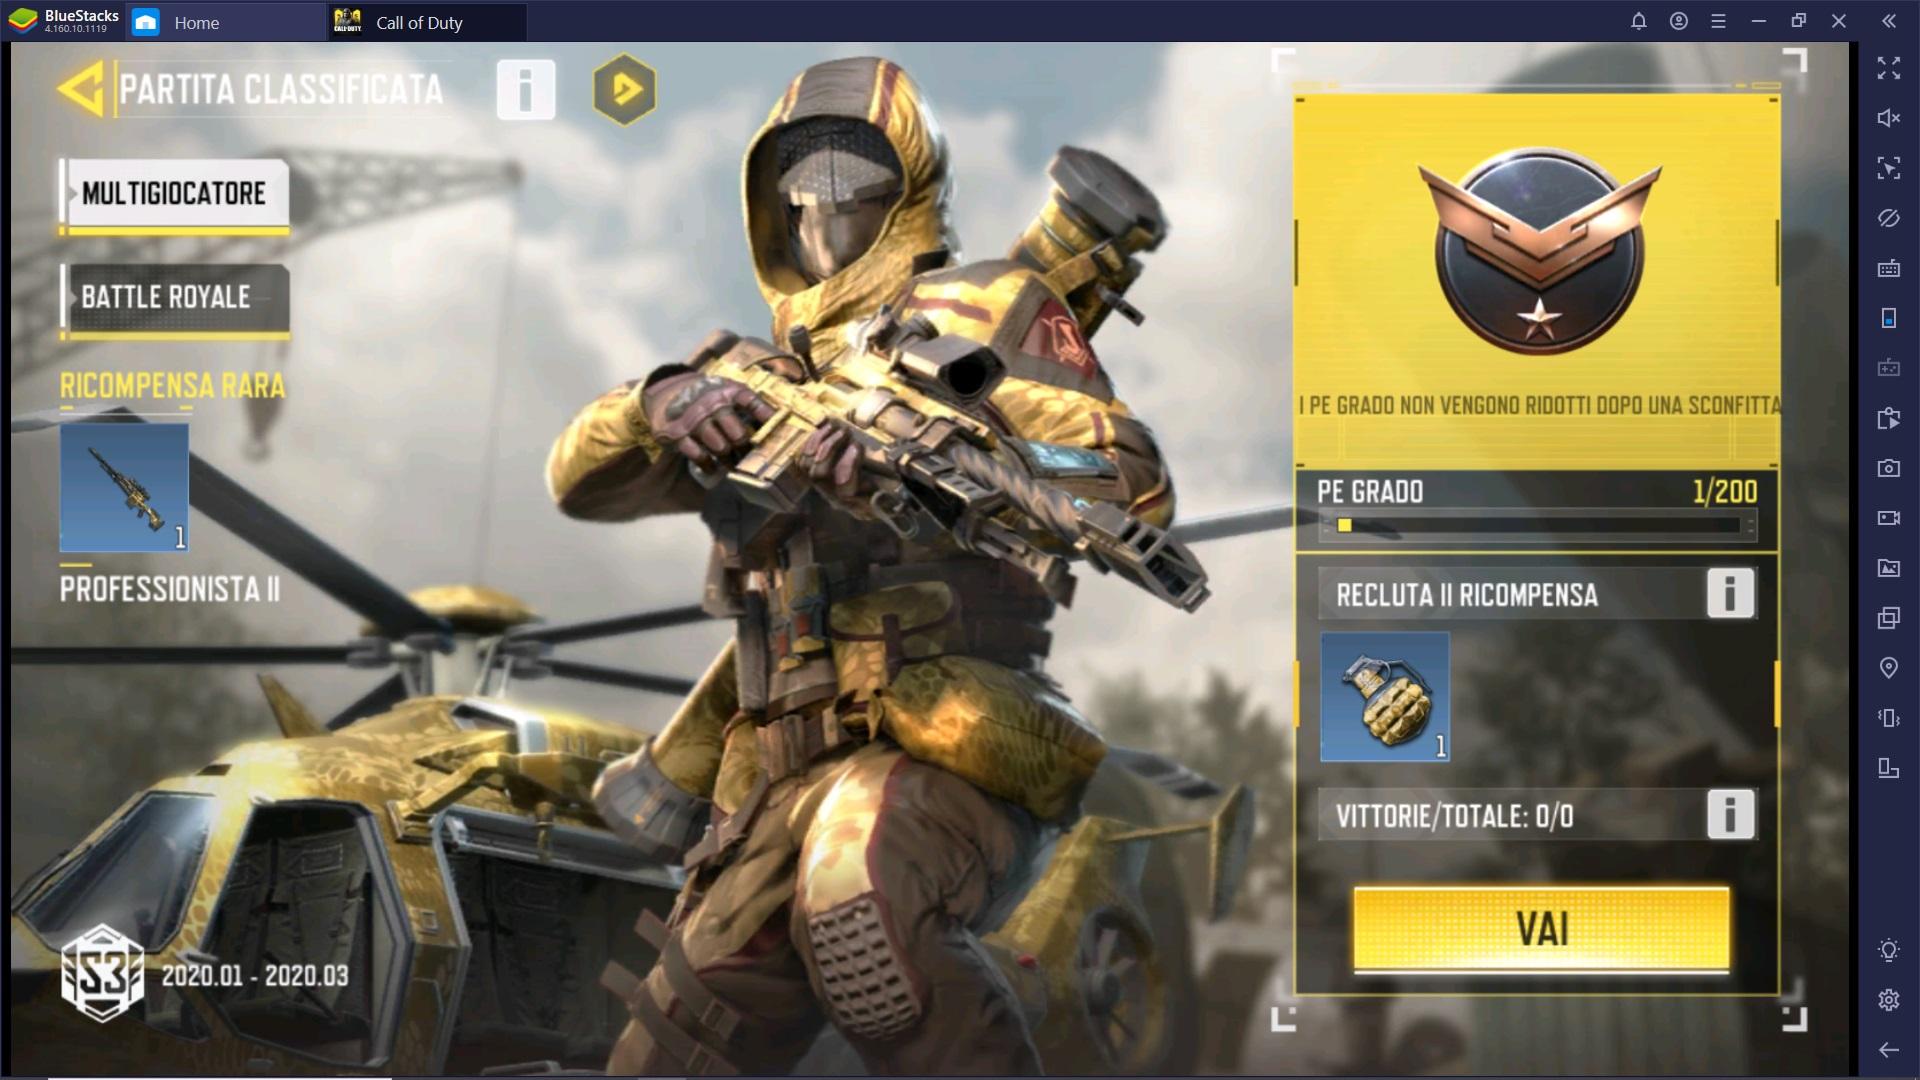 Gioca a Call of Duty: Mobile con Bluestacks – Le Impostazioni Migliori